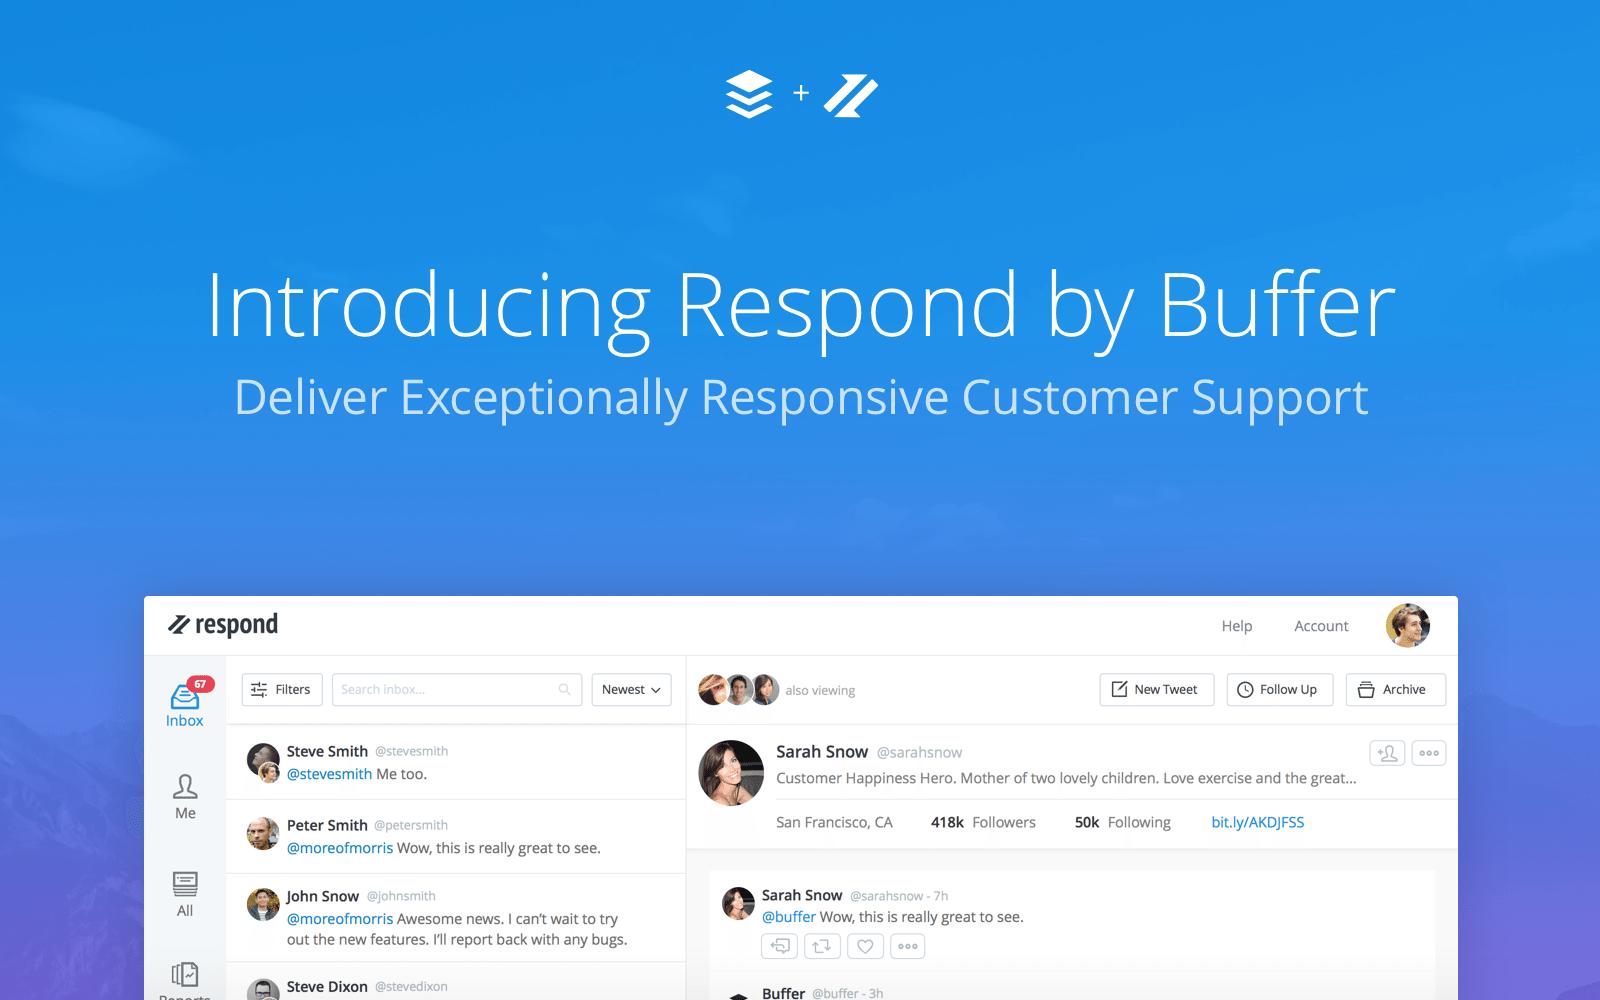 Respond public launch